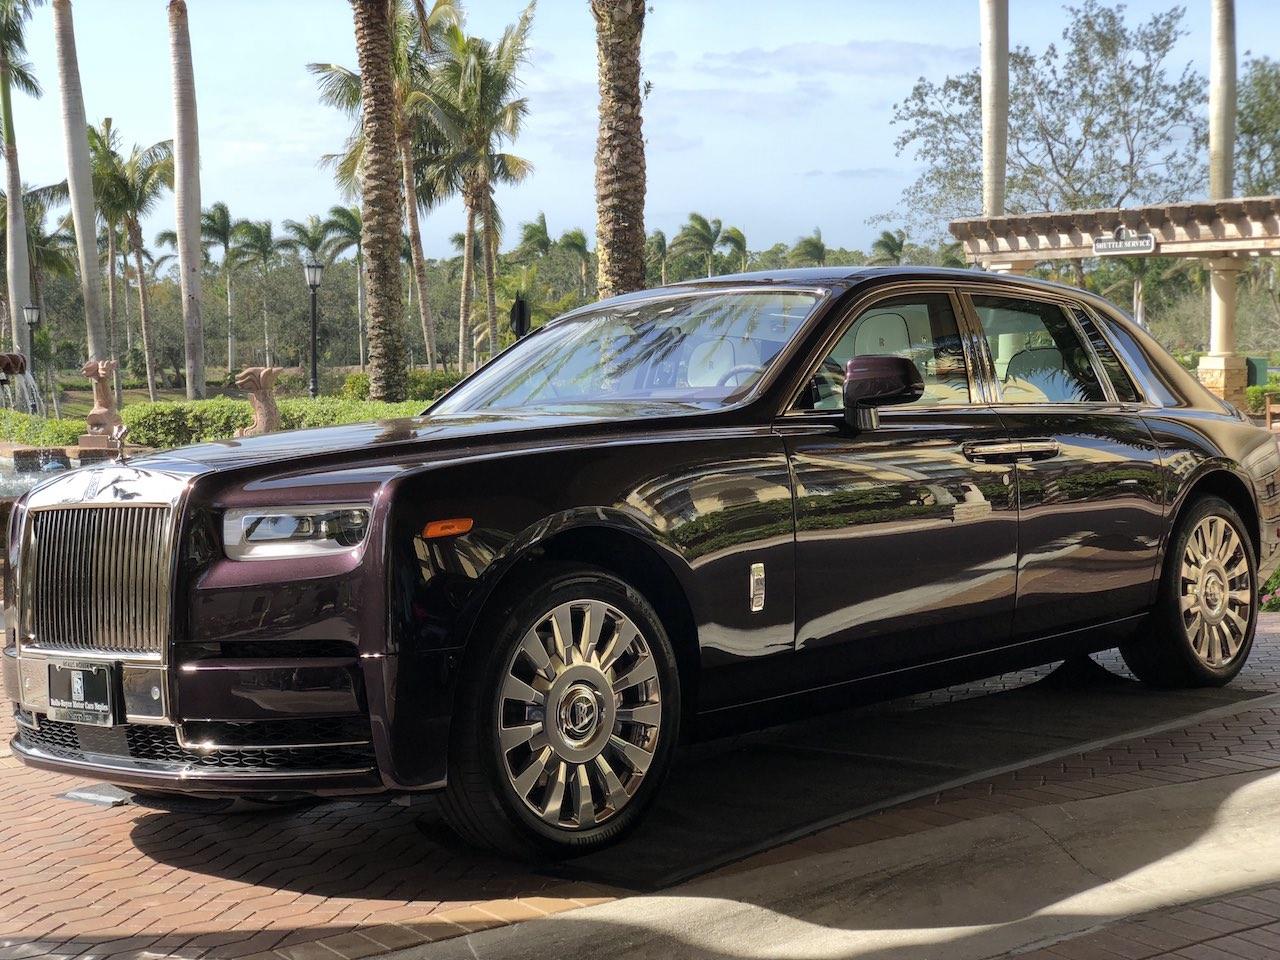 Rolls-Royce 2018 Phantom Raises $780K For Charity At Naples Winter ...